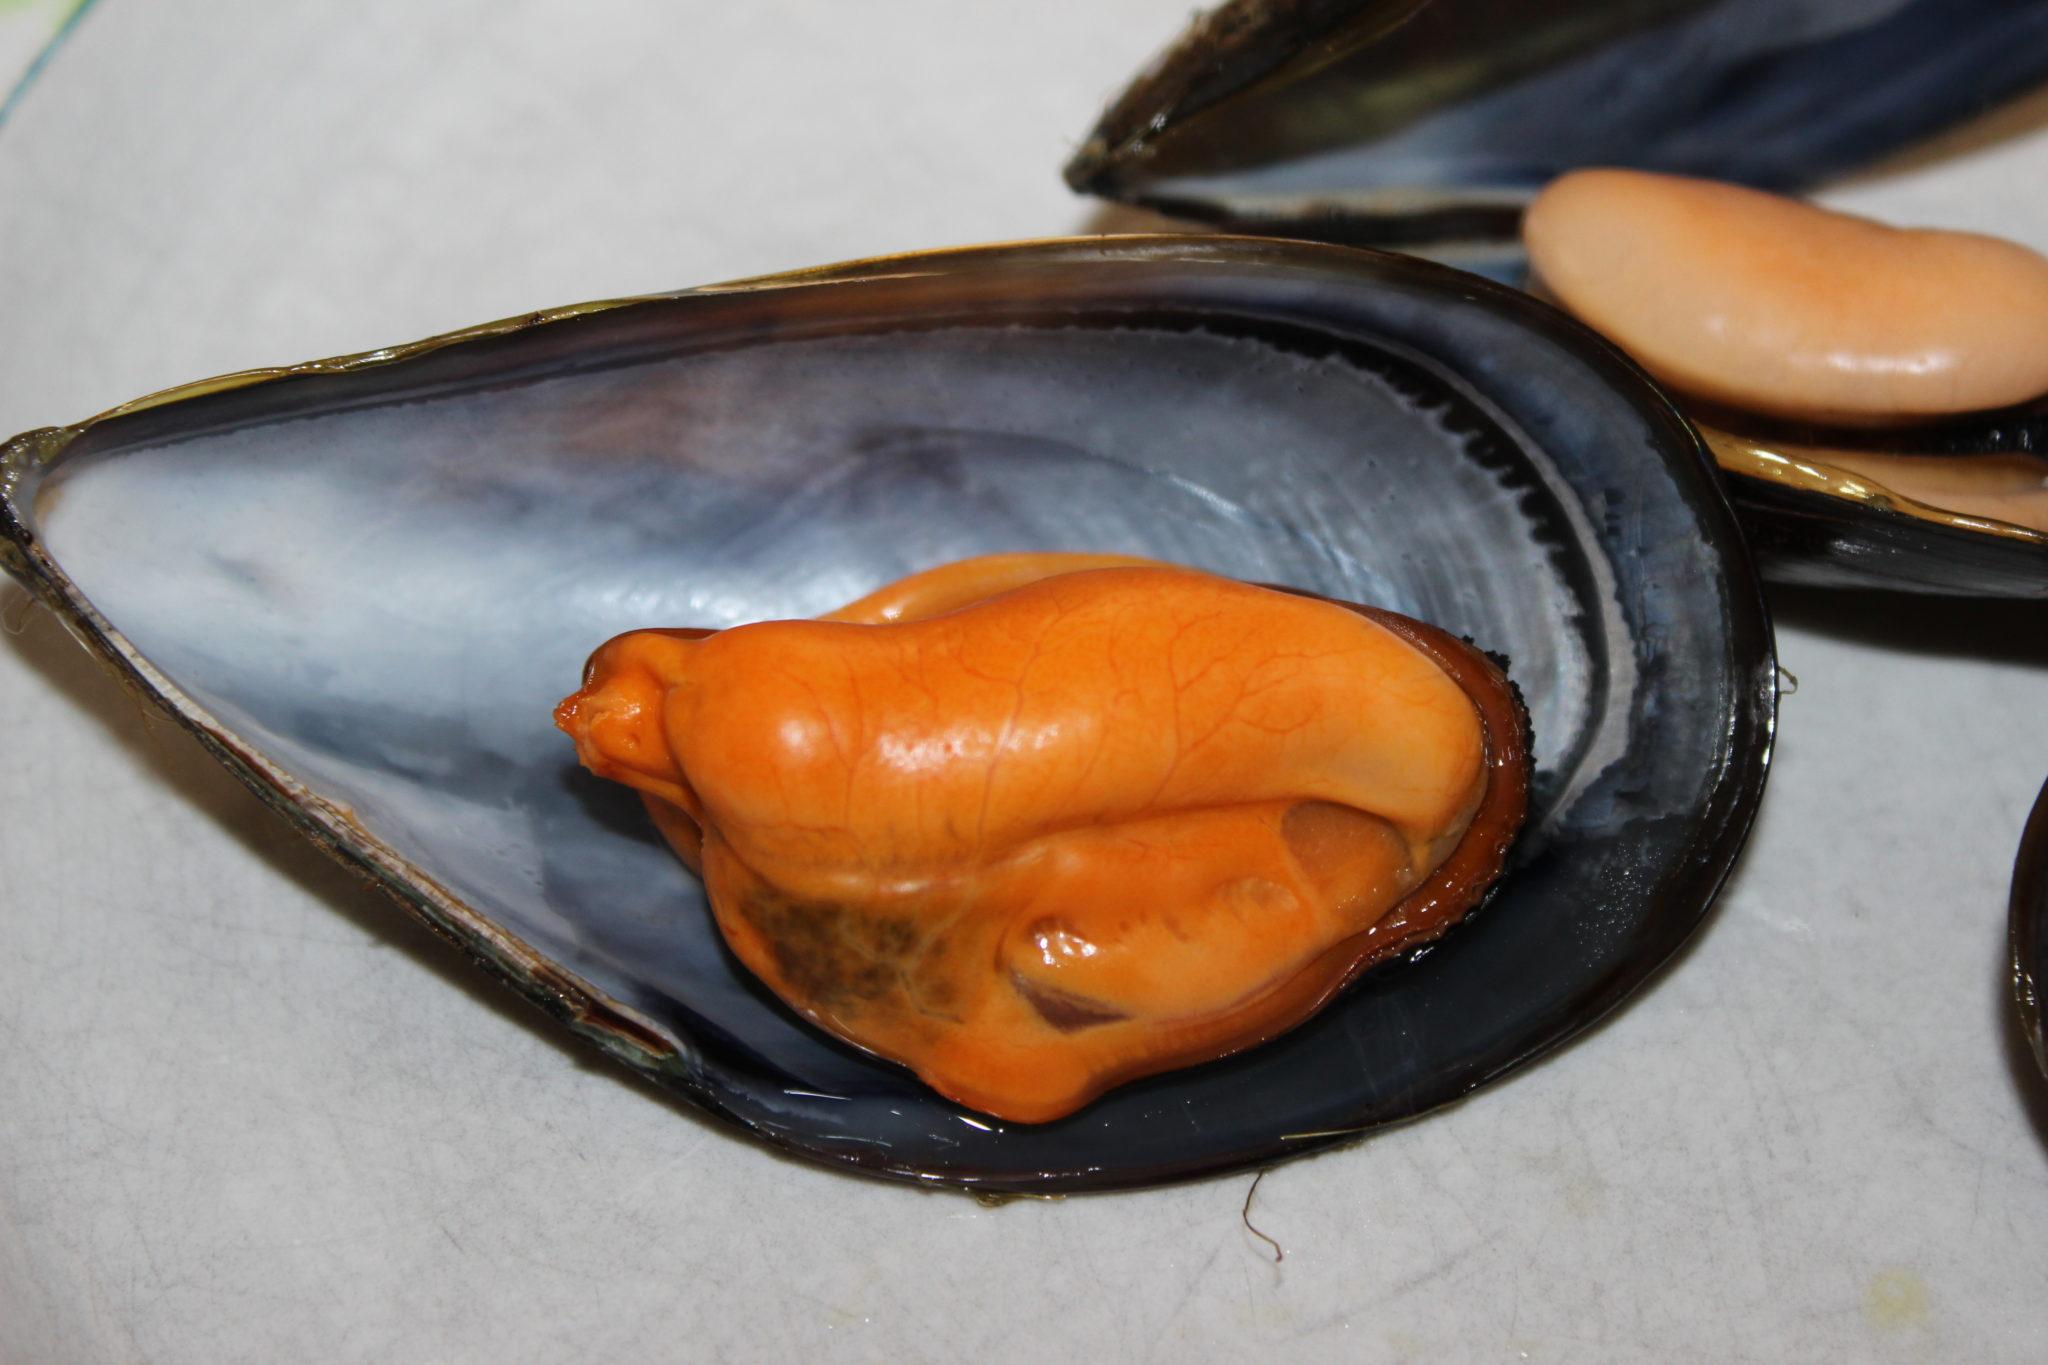 El poke, un plato a base de pescado, marisco y vegetales